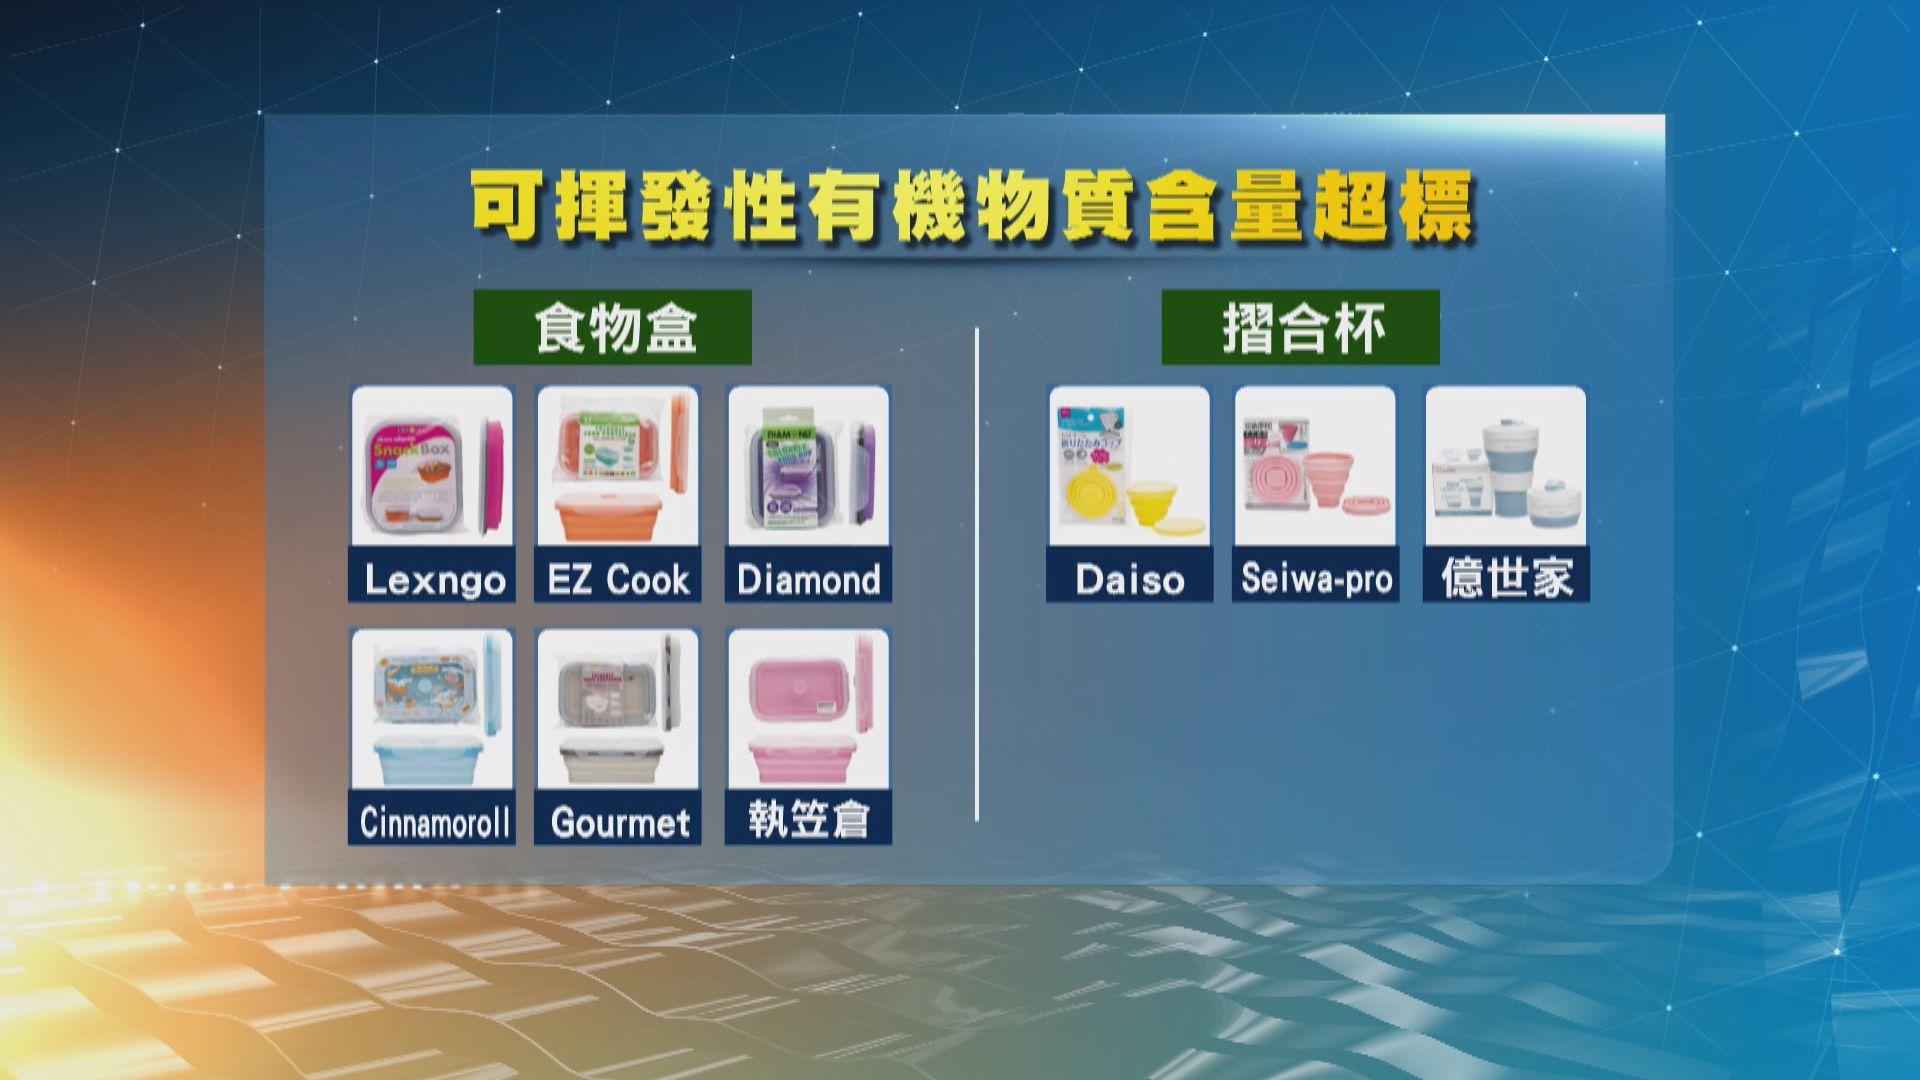 部分可摺合矽膠餐具可揮發性有機物質超標